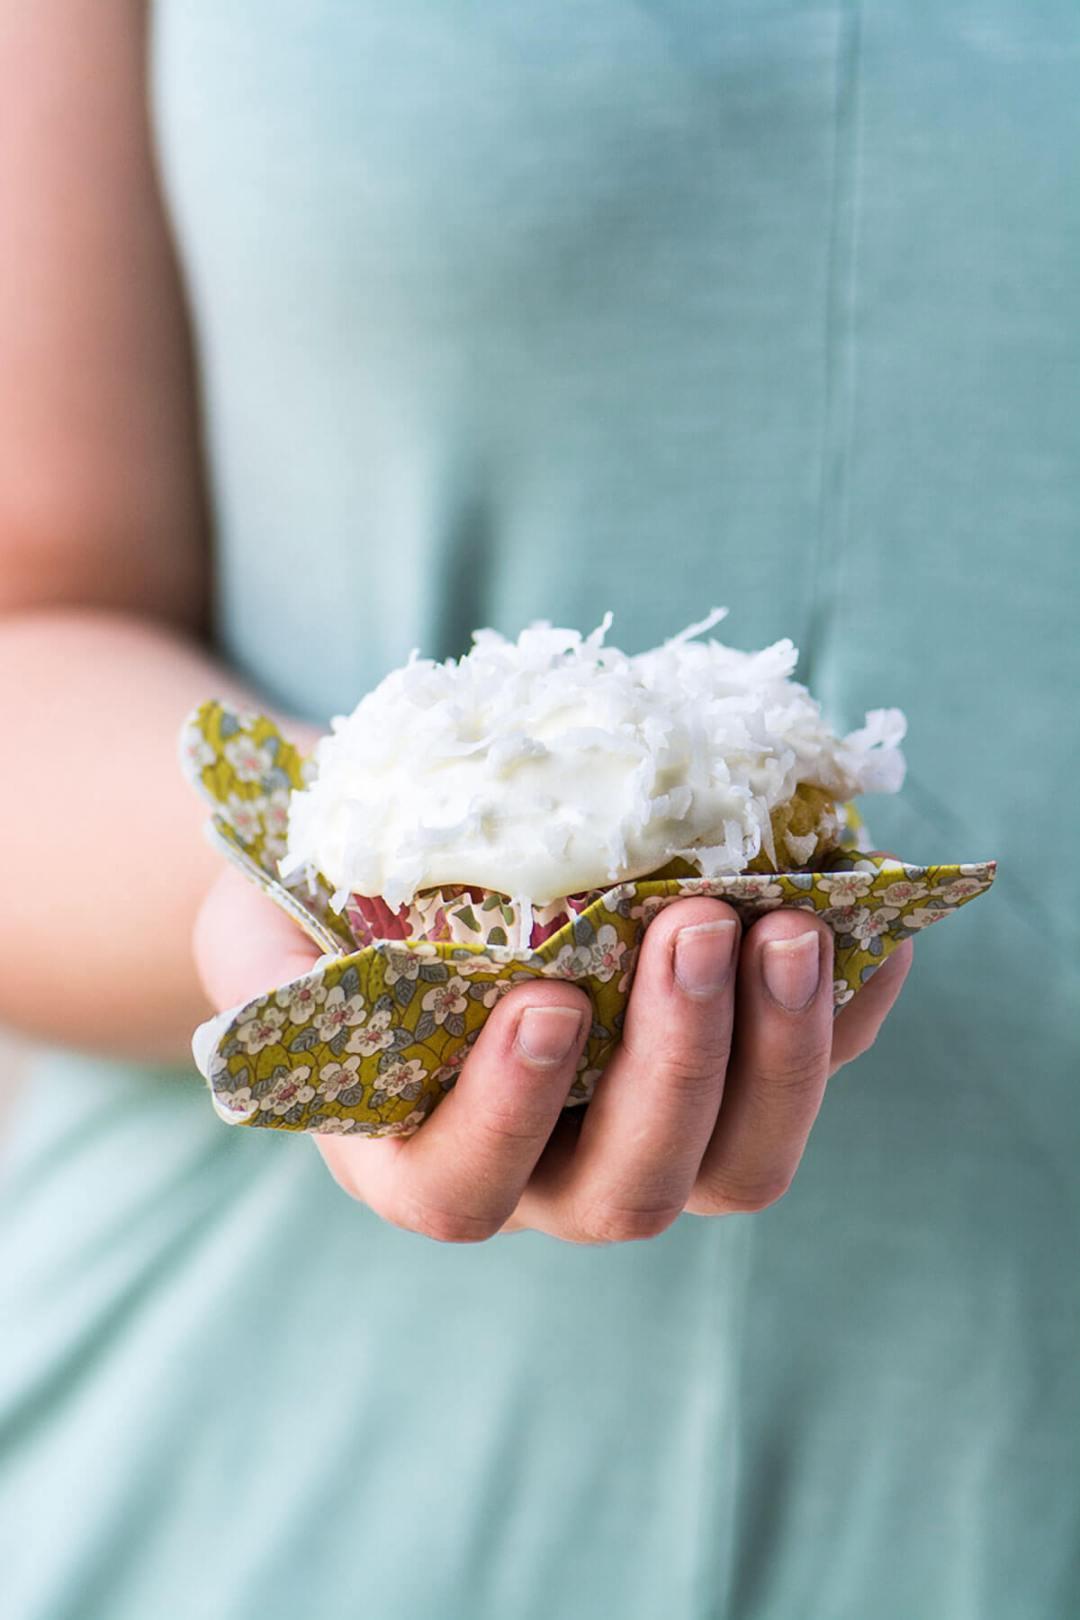 """Cupcakes de coco de Ina Garten 'title =' Cupcakes de coco de Ina Garten '/></div data-recalc-dims=""""1""""> </div> </div> <section class=""""av_textblock_section """"> <div class="""